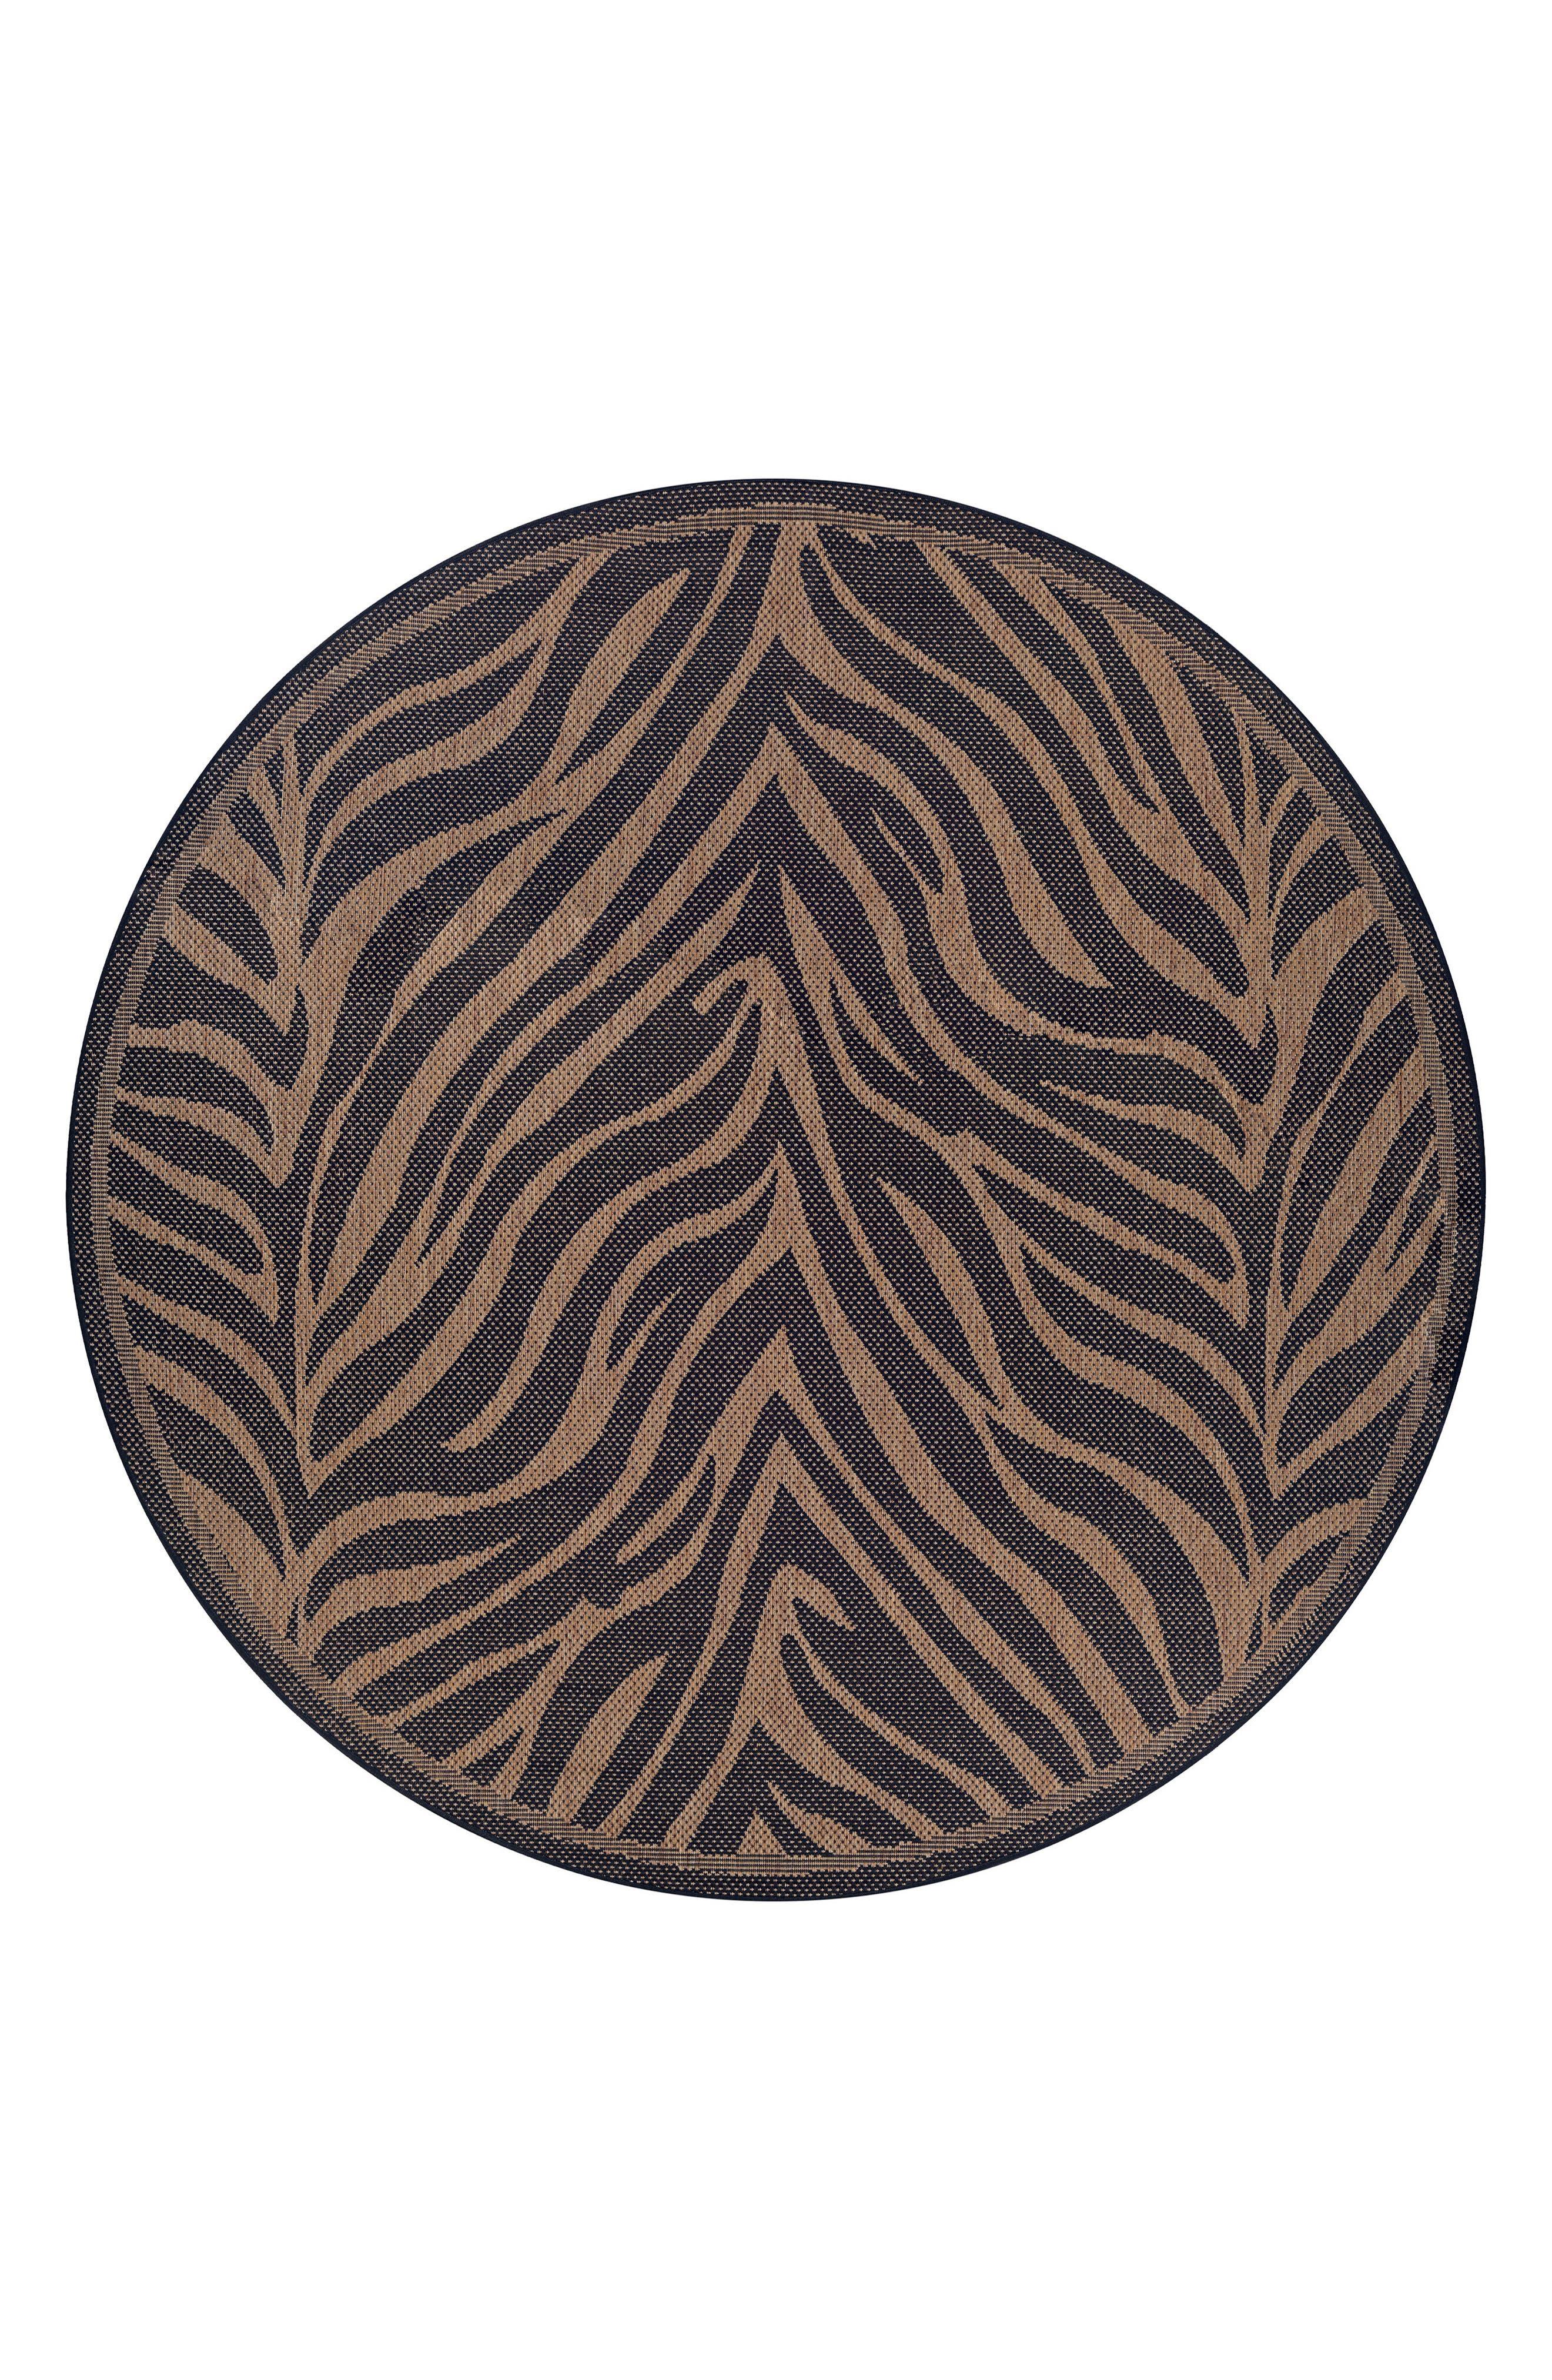 Couristan Zebra Indoor/Outdoor Rug